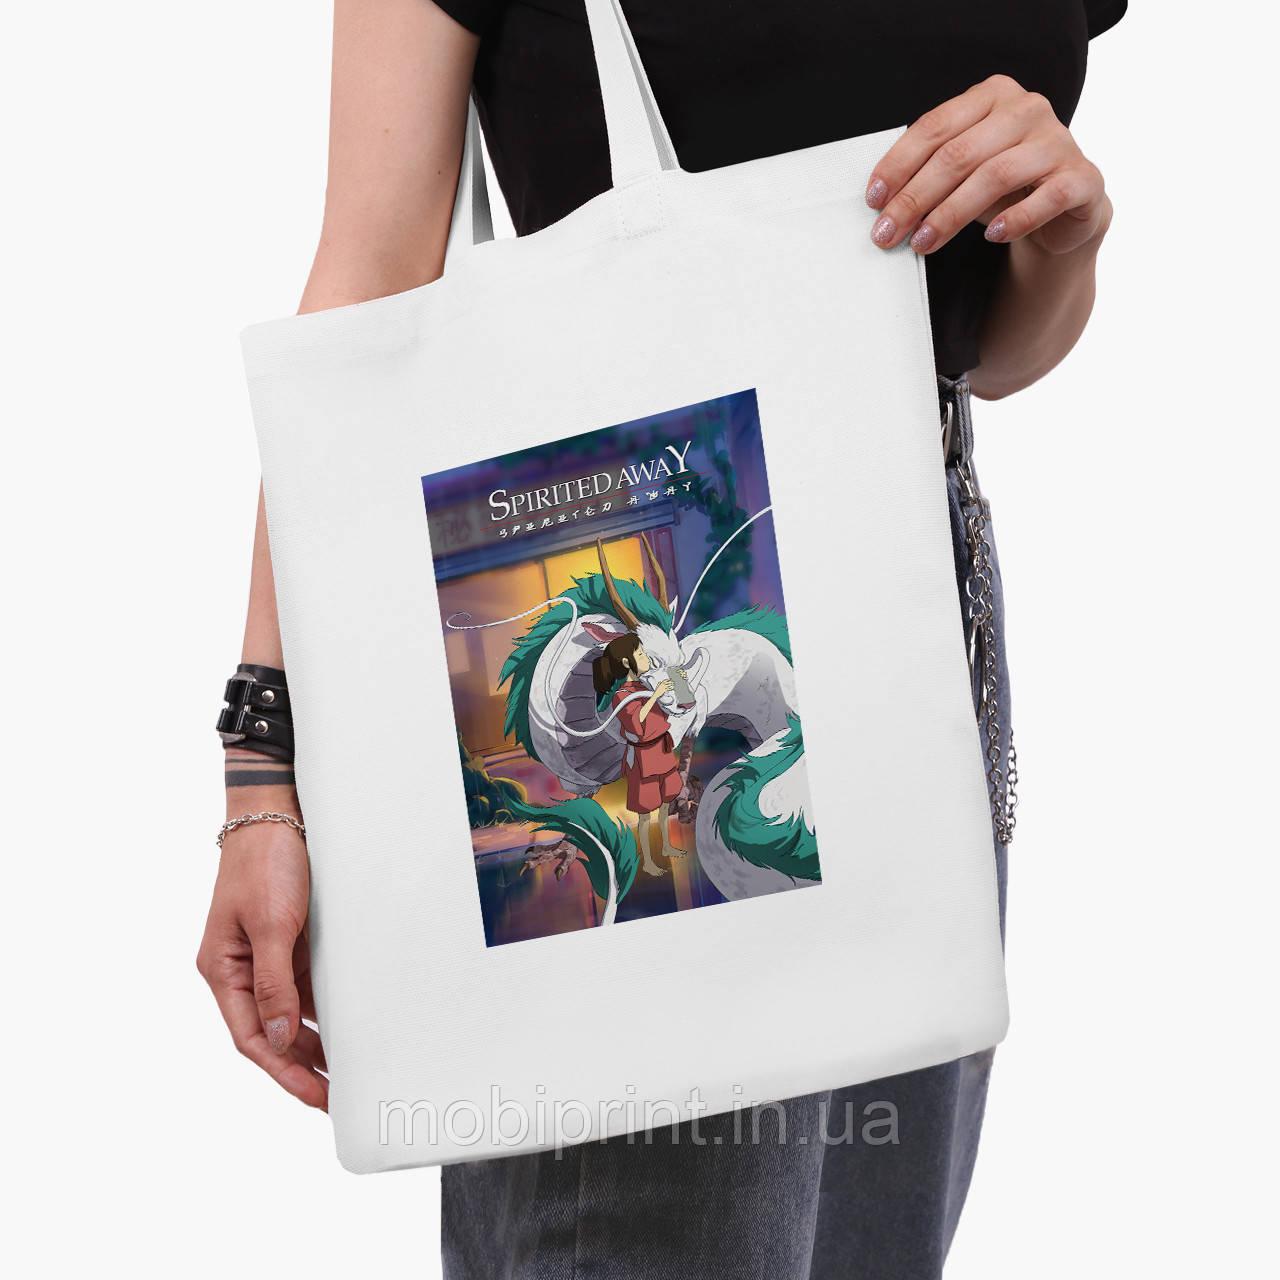 Эко сумка шоппер белая Тихиро Огино Сэн и Хаку Унесённые призраками (Spirited Away) (9227-2829-3)  41*35 см